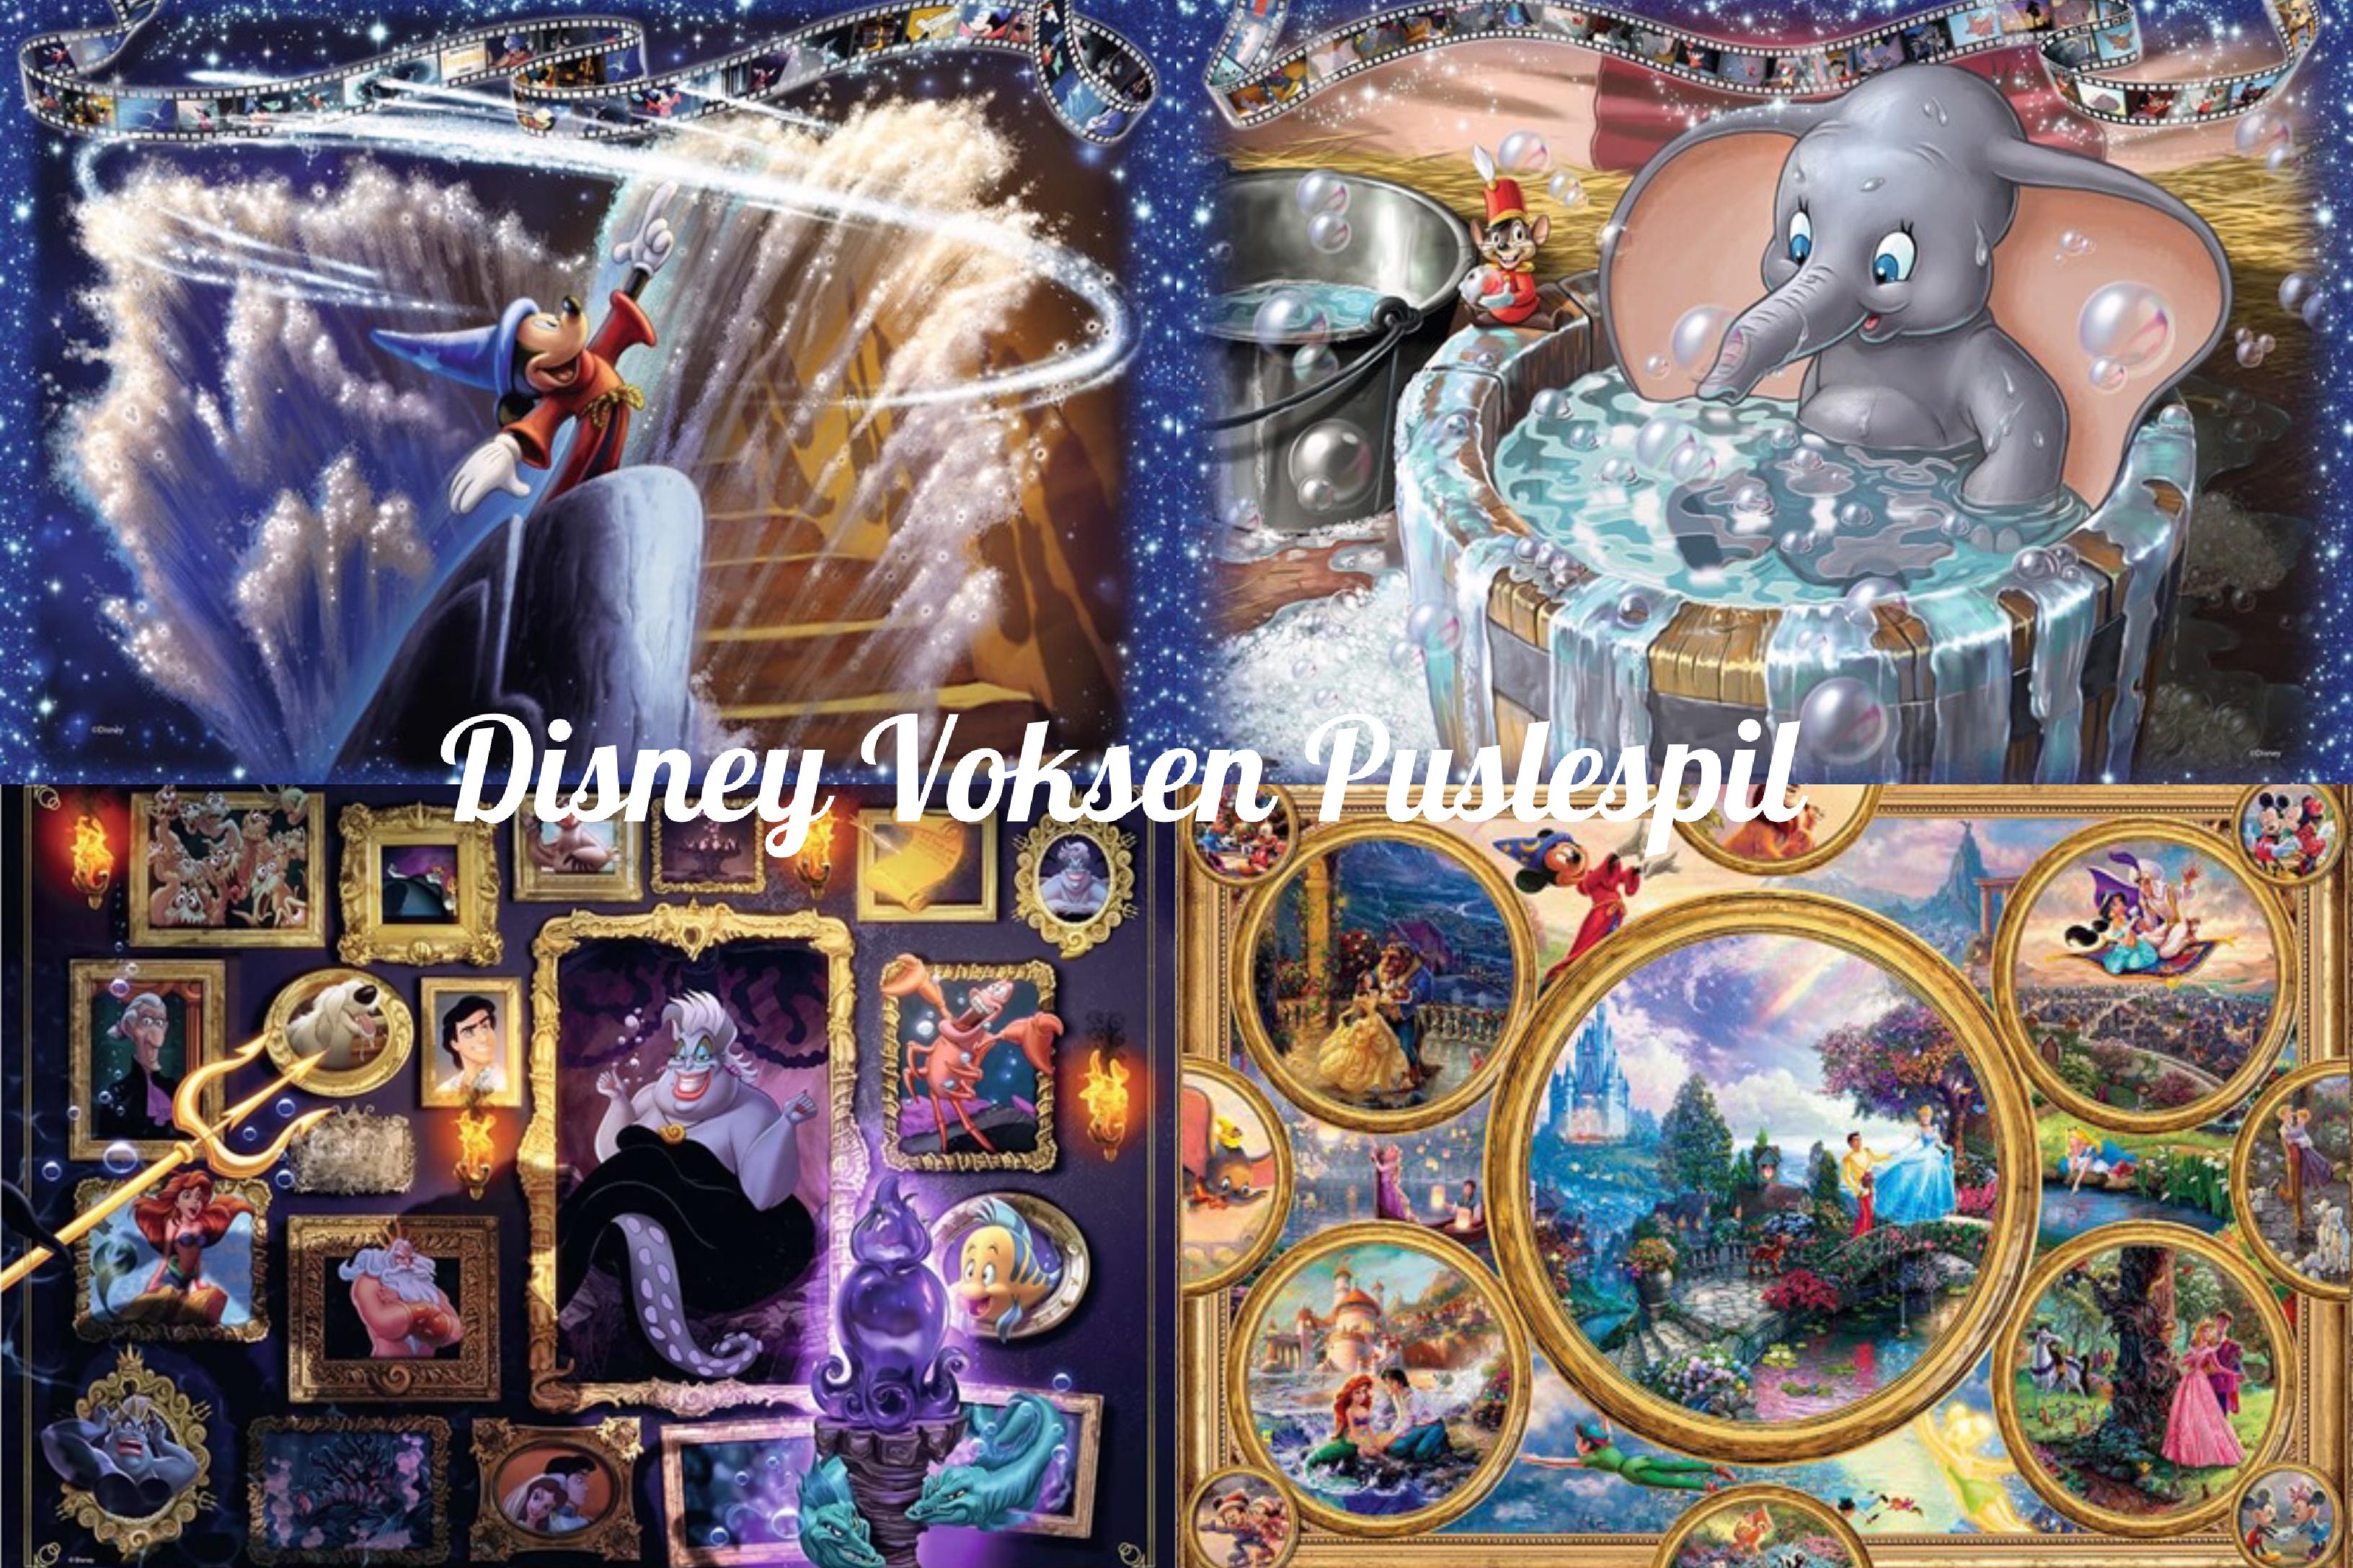 Disney voksen puslespil, disney puslespil til voksne, disney puslespil for voksne, disney voksenpuslespil, disney puzzlespil 1000 brikker, disney puzzlespil til voksne, disney gaver til voksne